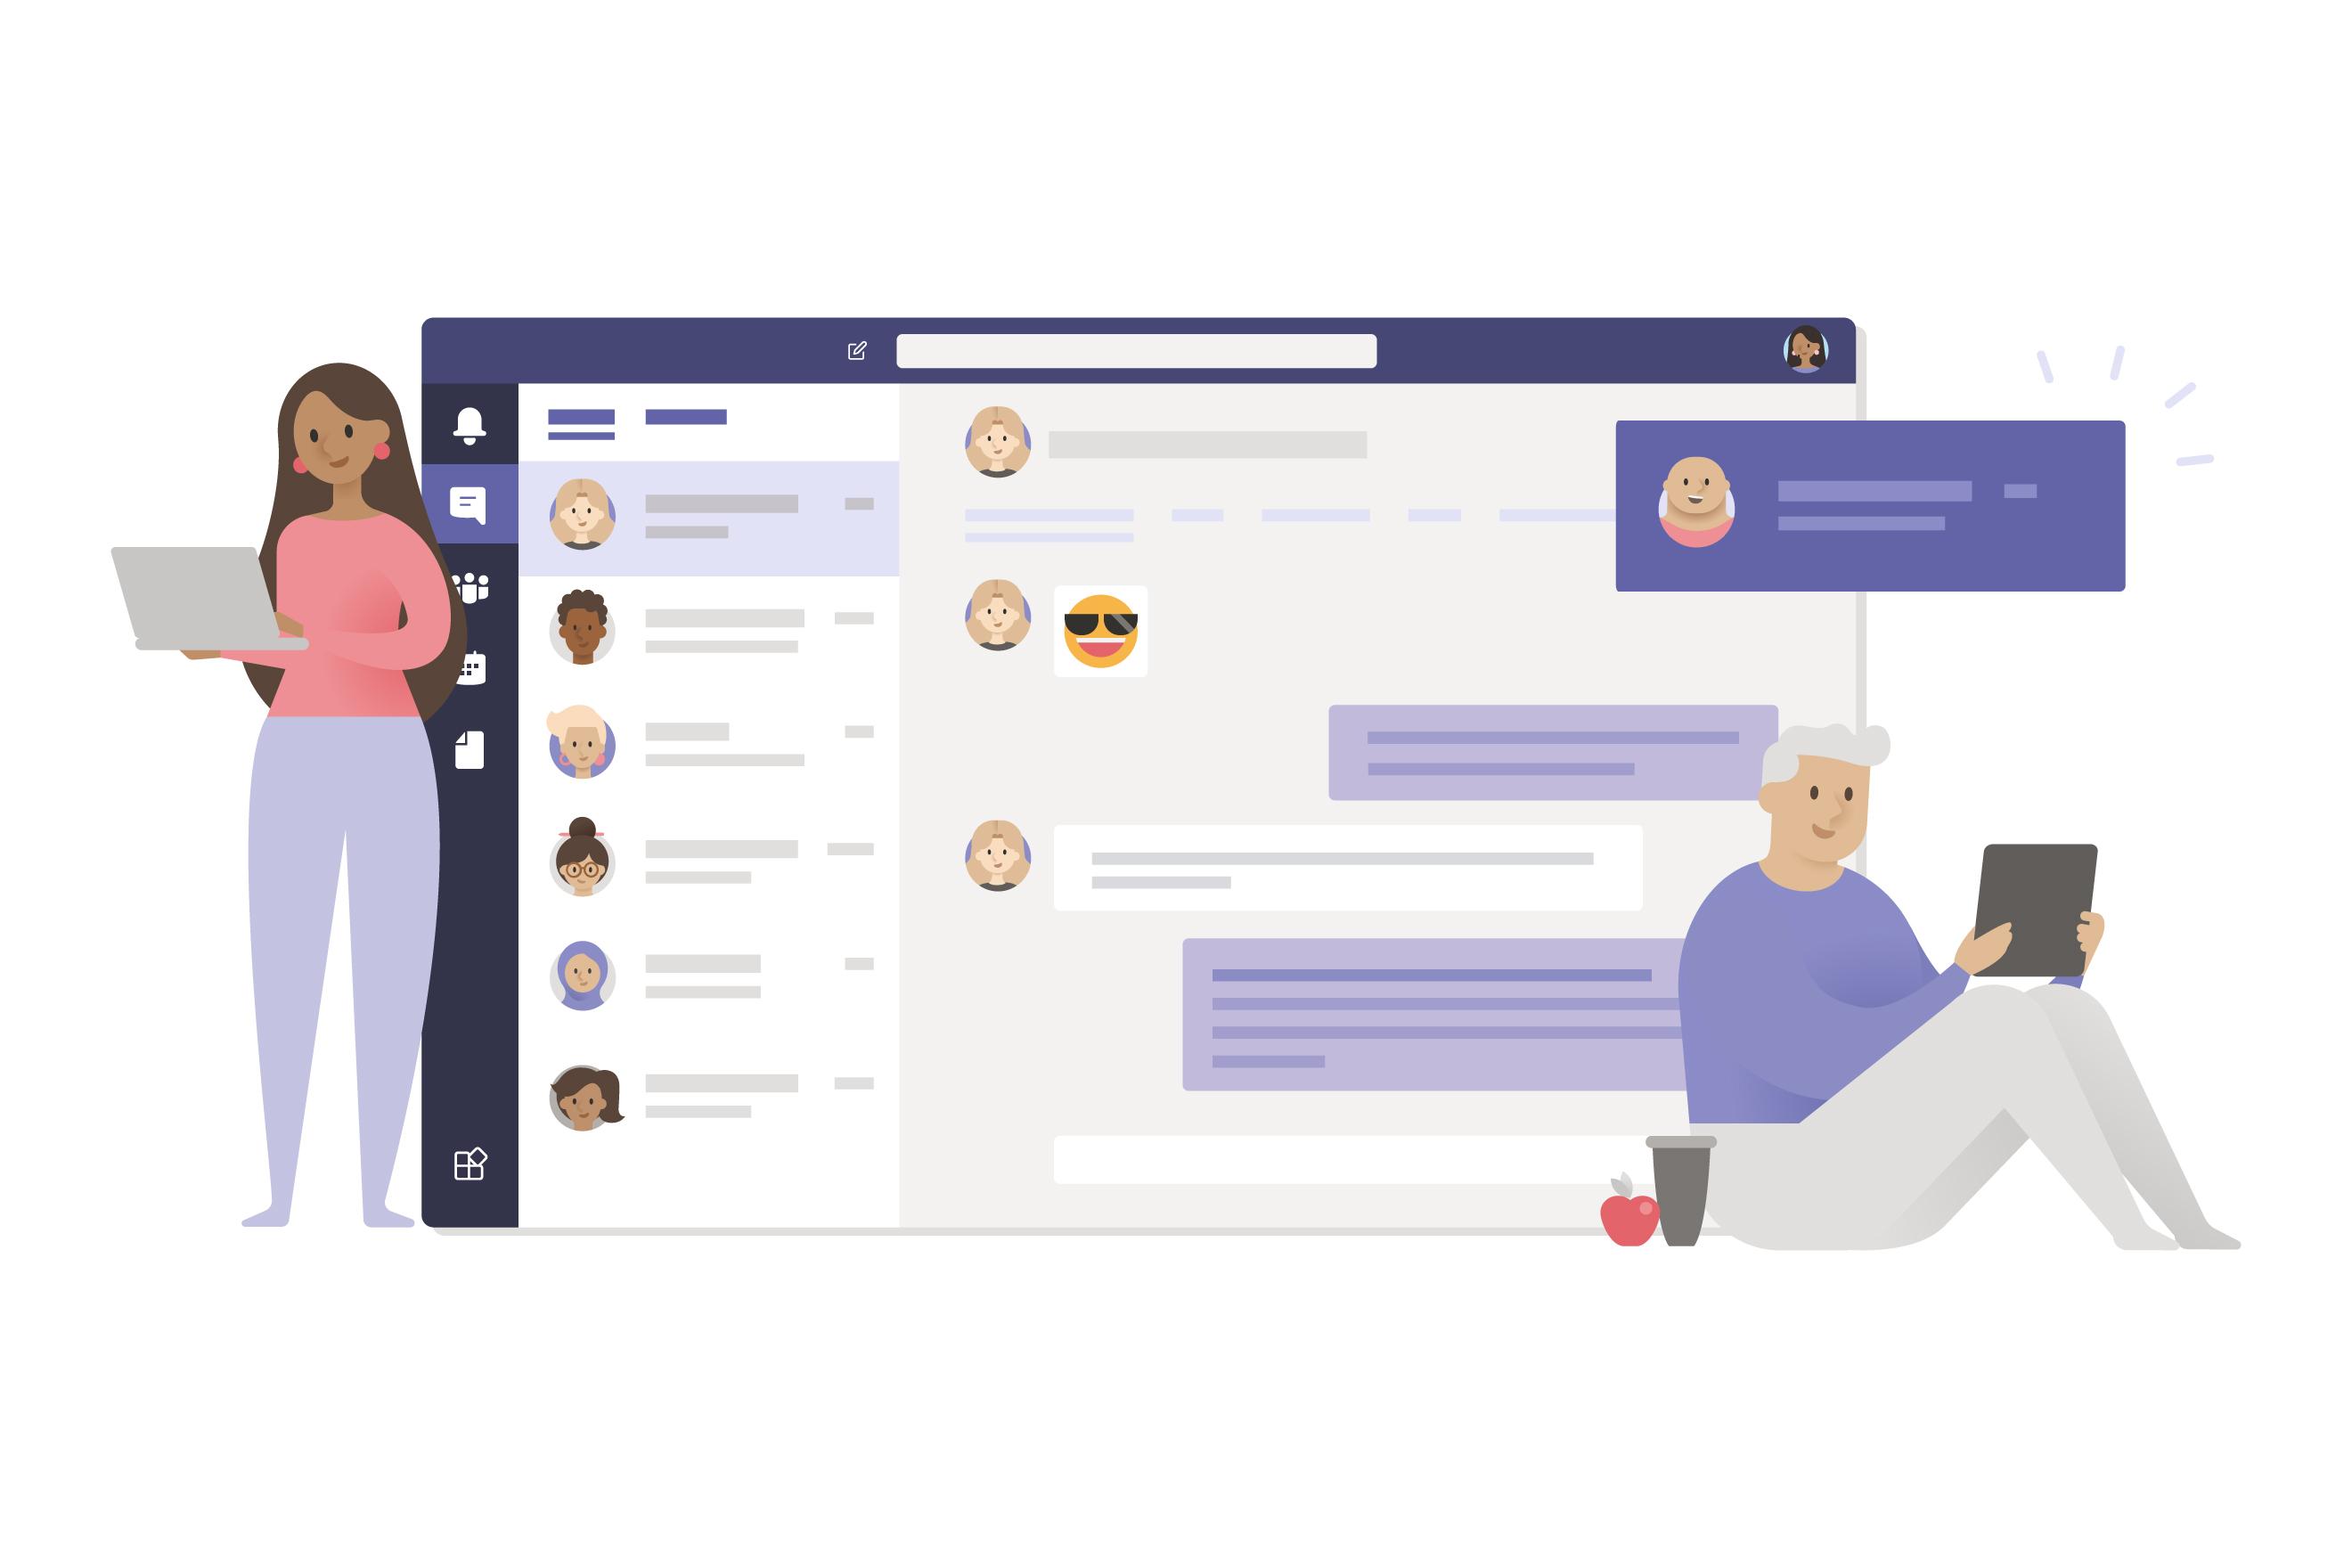 Microsoft Teams ra mắt phiên bản dành cho cá nhân, hướng đến đối tượng người dùng bạn bè và gia đình